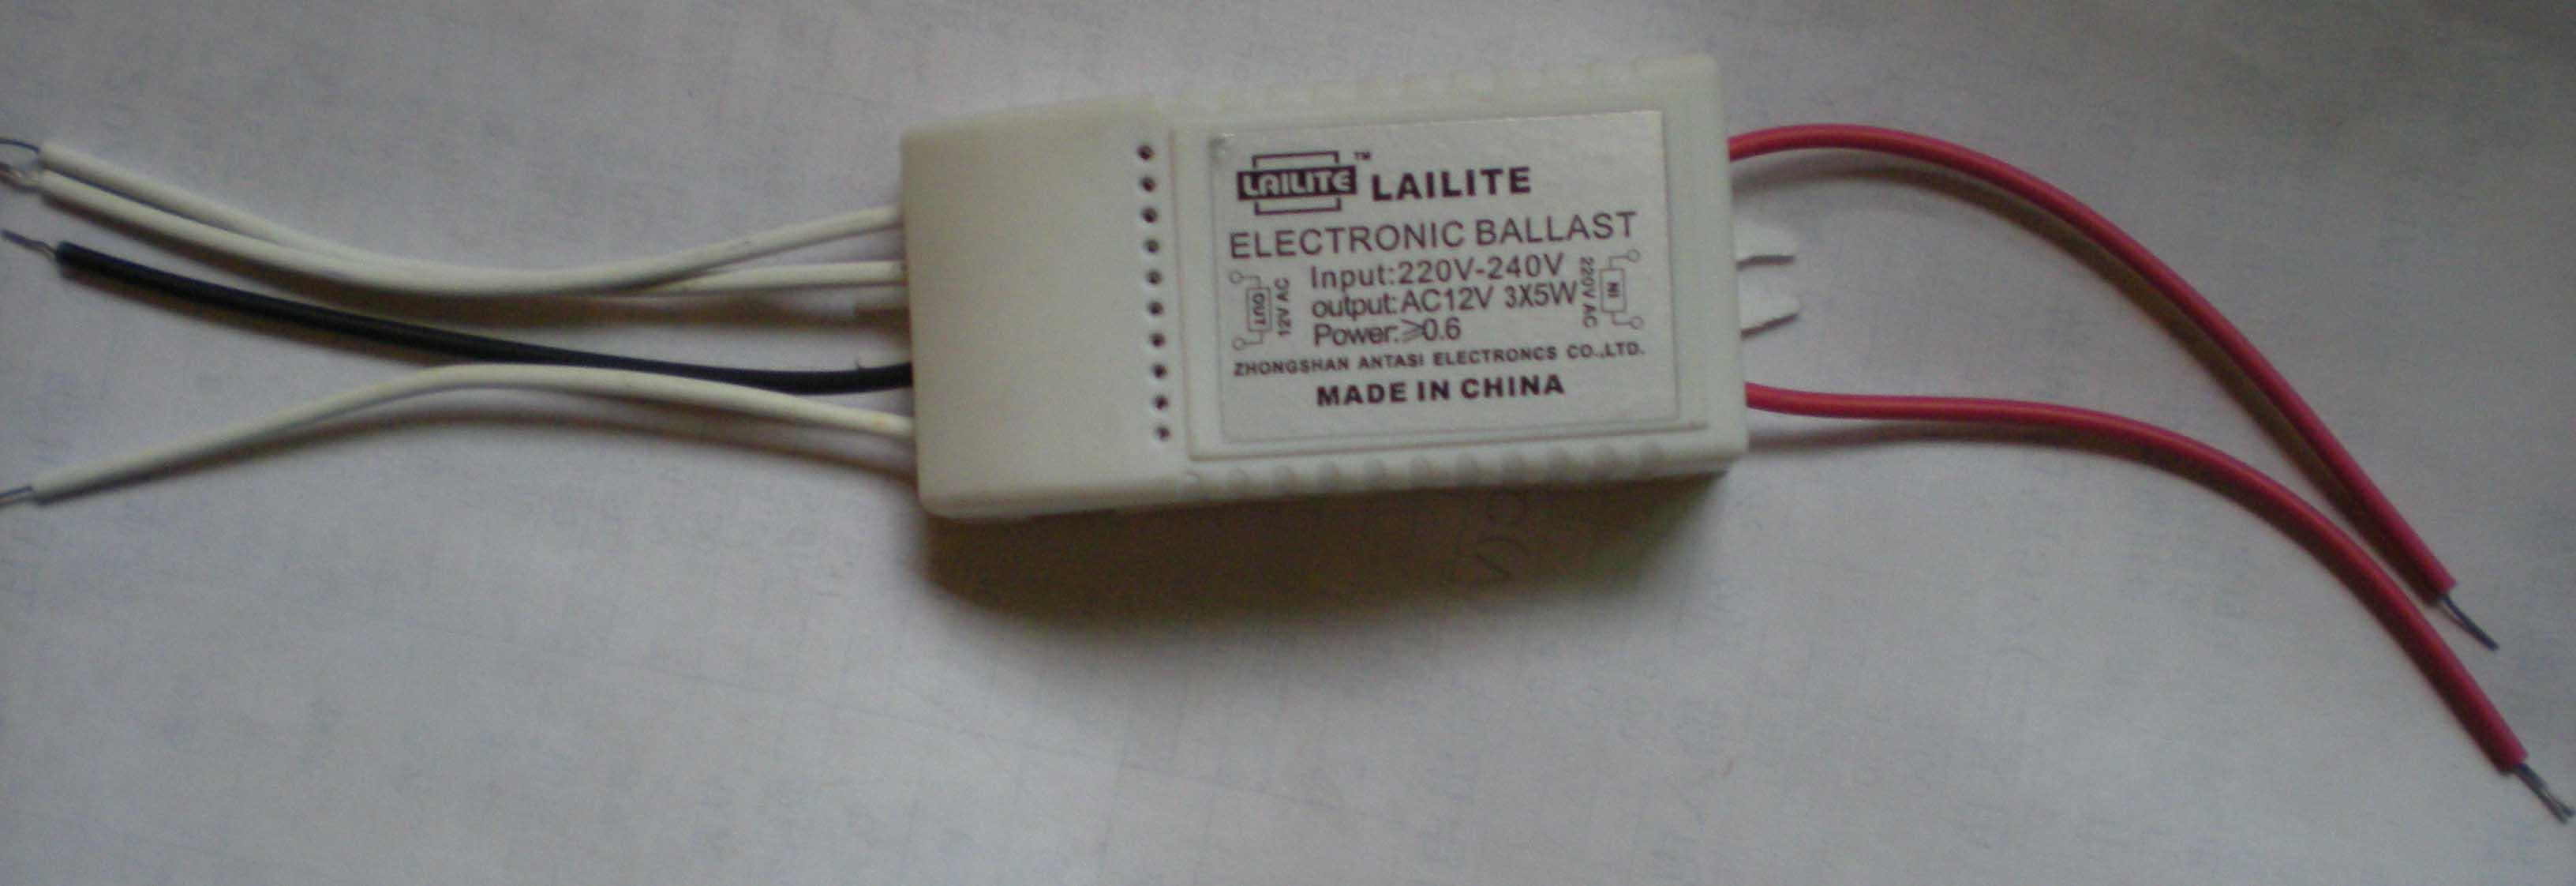 抚州镇流器 电子变压器图片